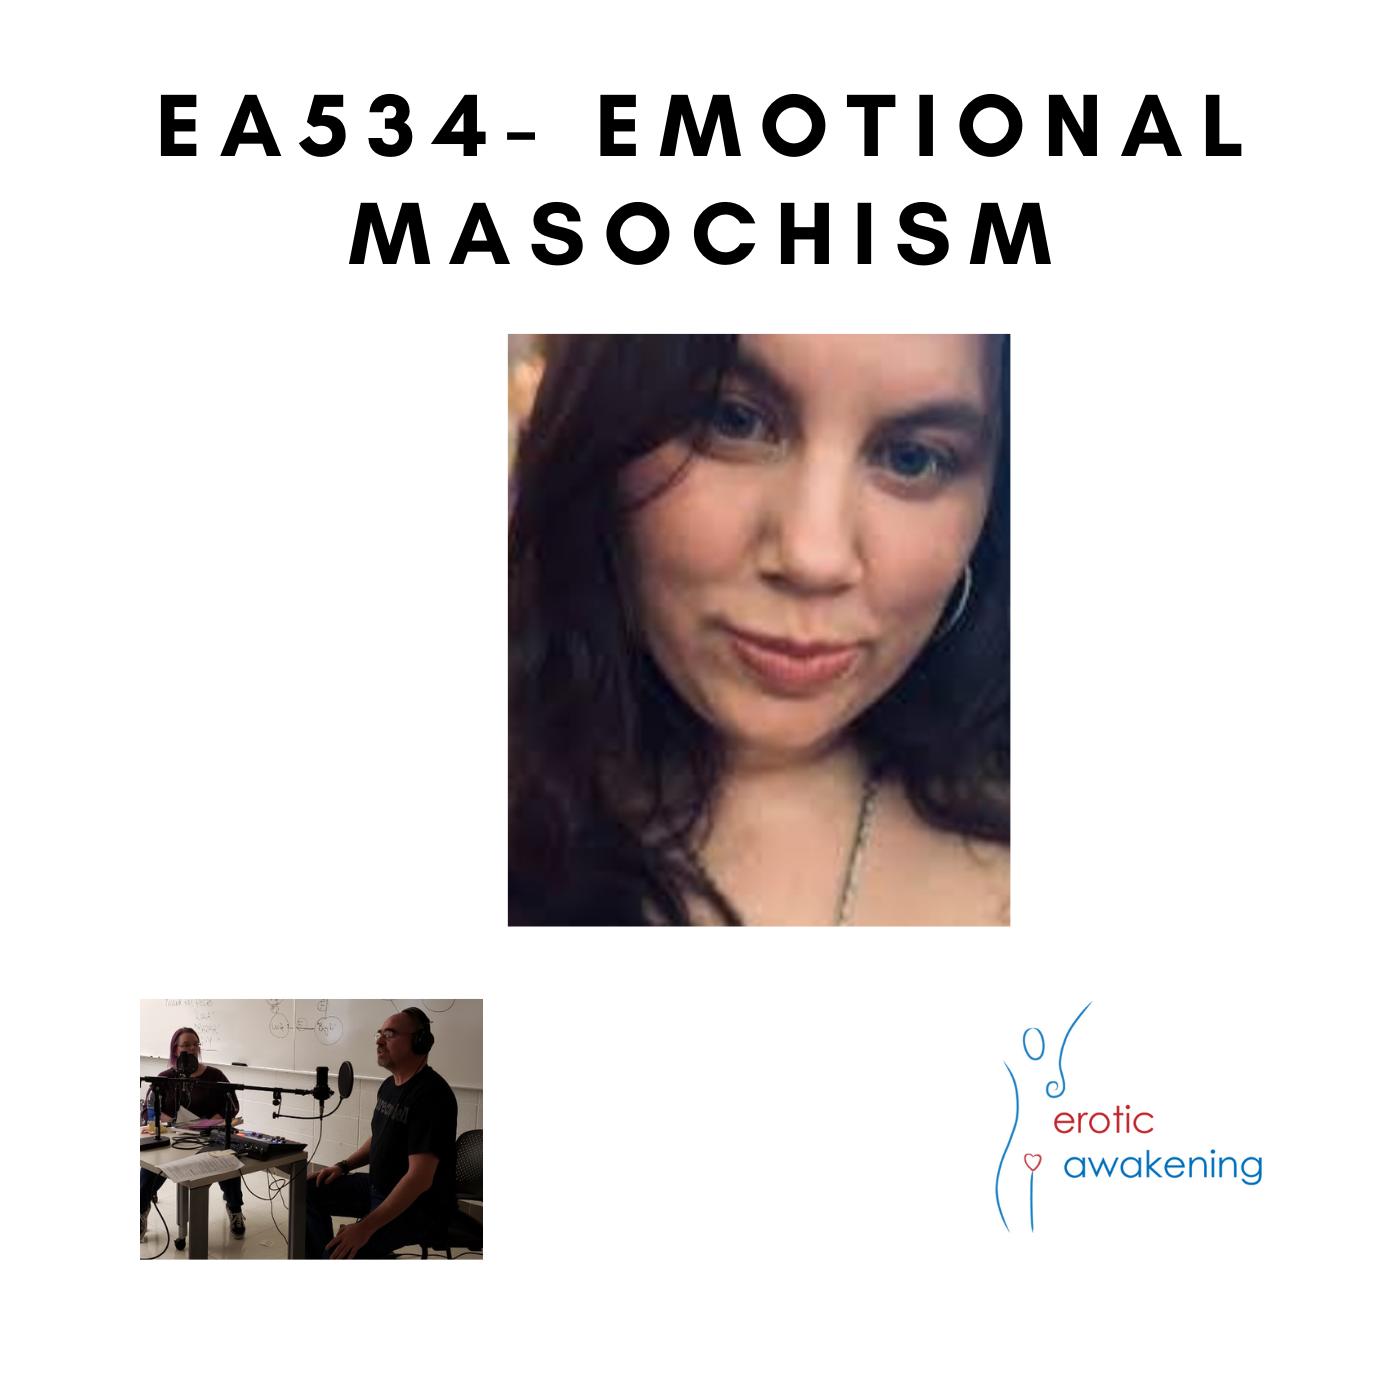 Erotic Awakening Podcast - EA534 - Emotional Masochism